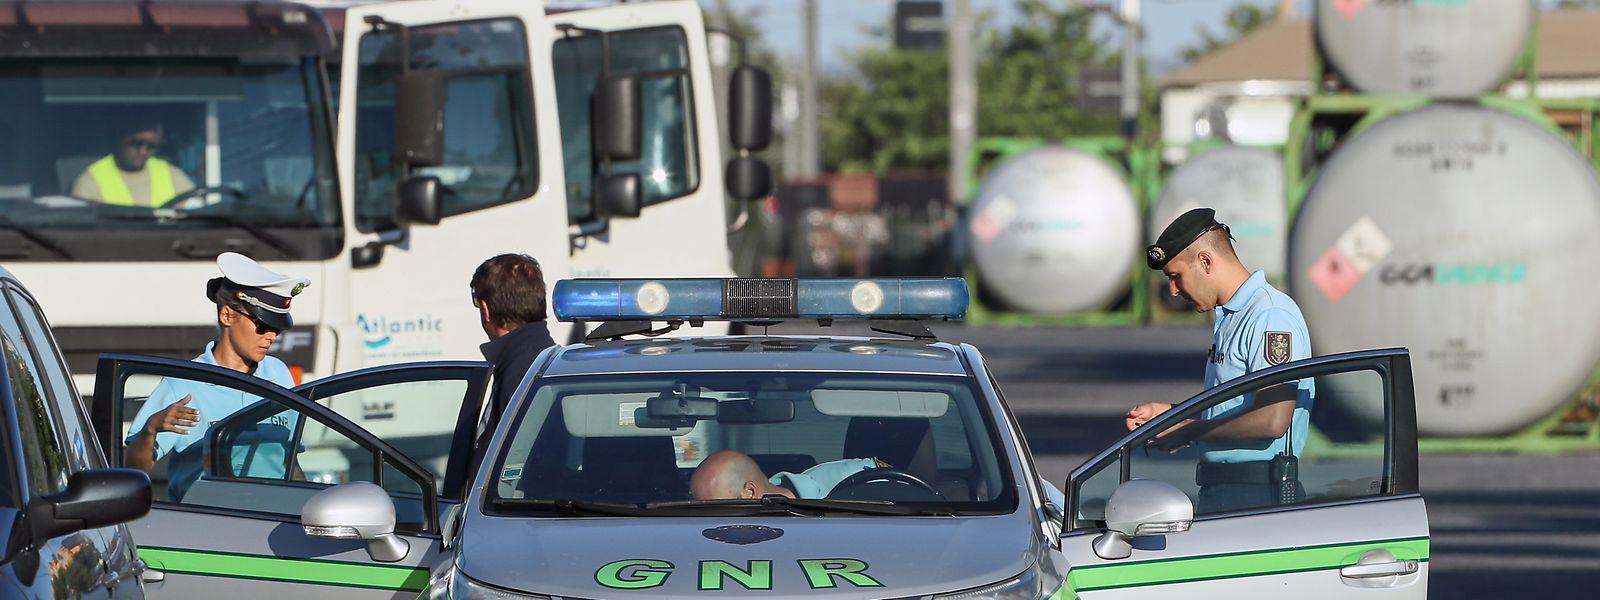 Militares da GNR escoltam camiões com combustível à saída do terminal de Loulé, durante o segundo dia da greve por tempo indeterminado dos motoristas de matérias perigosas e de mercadorias, Faro, 13 de agosto de 2019. Ao fim do primeiro dia de greve de motoristas, o Governo decretou a requisição civil, alegando o incumprimento dos serviços mínimos.